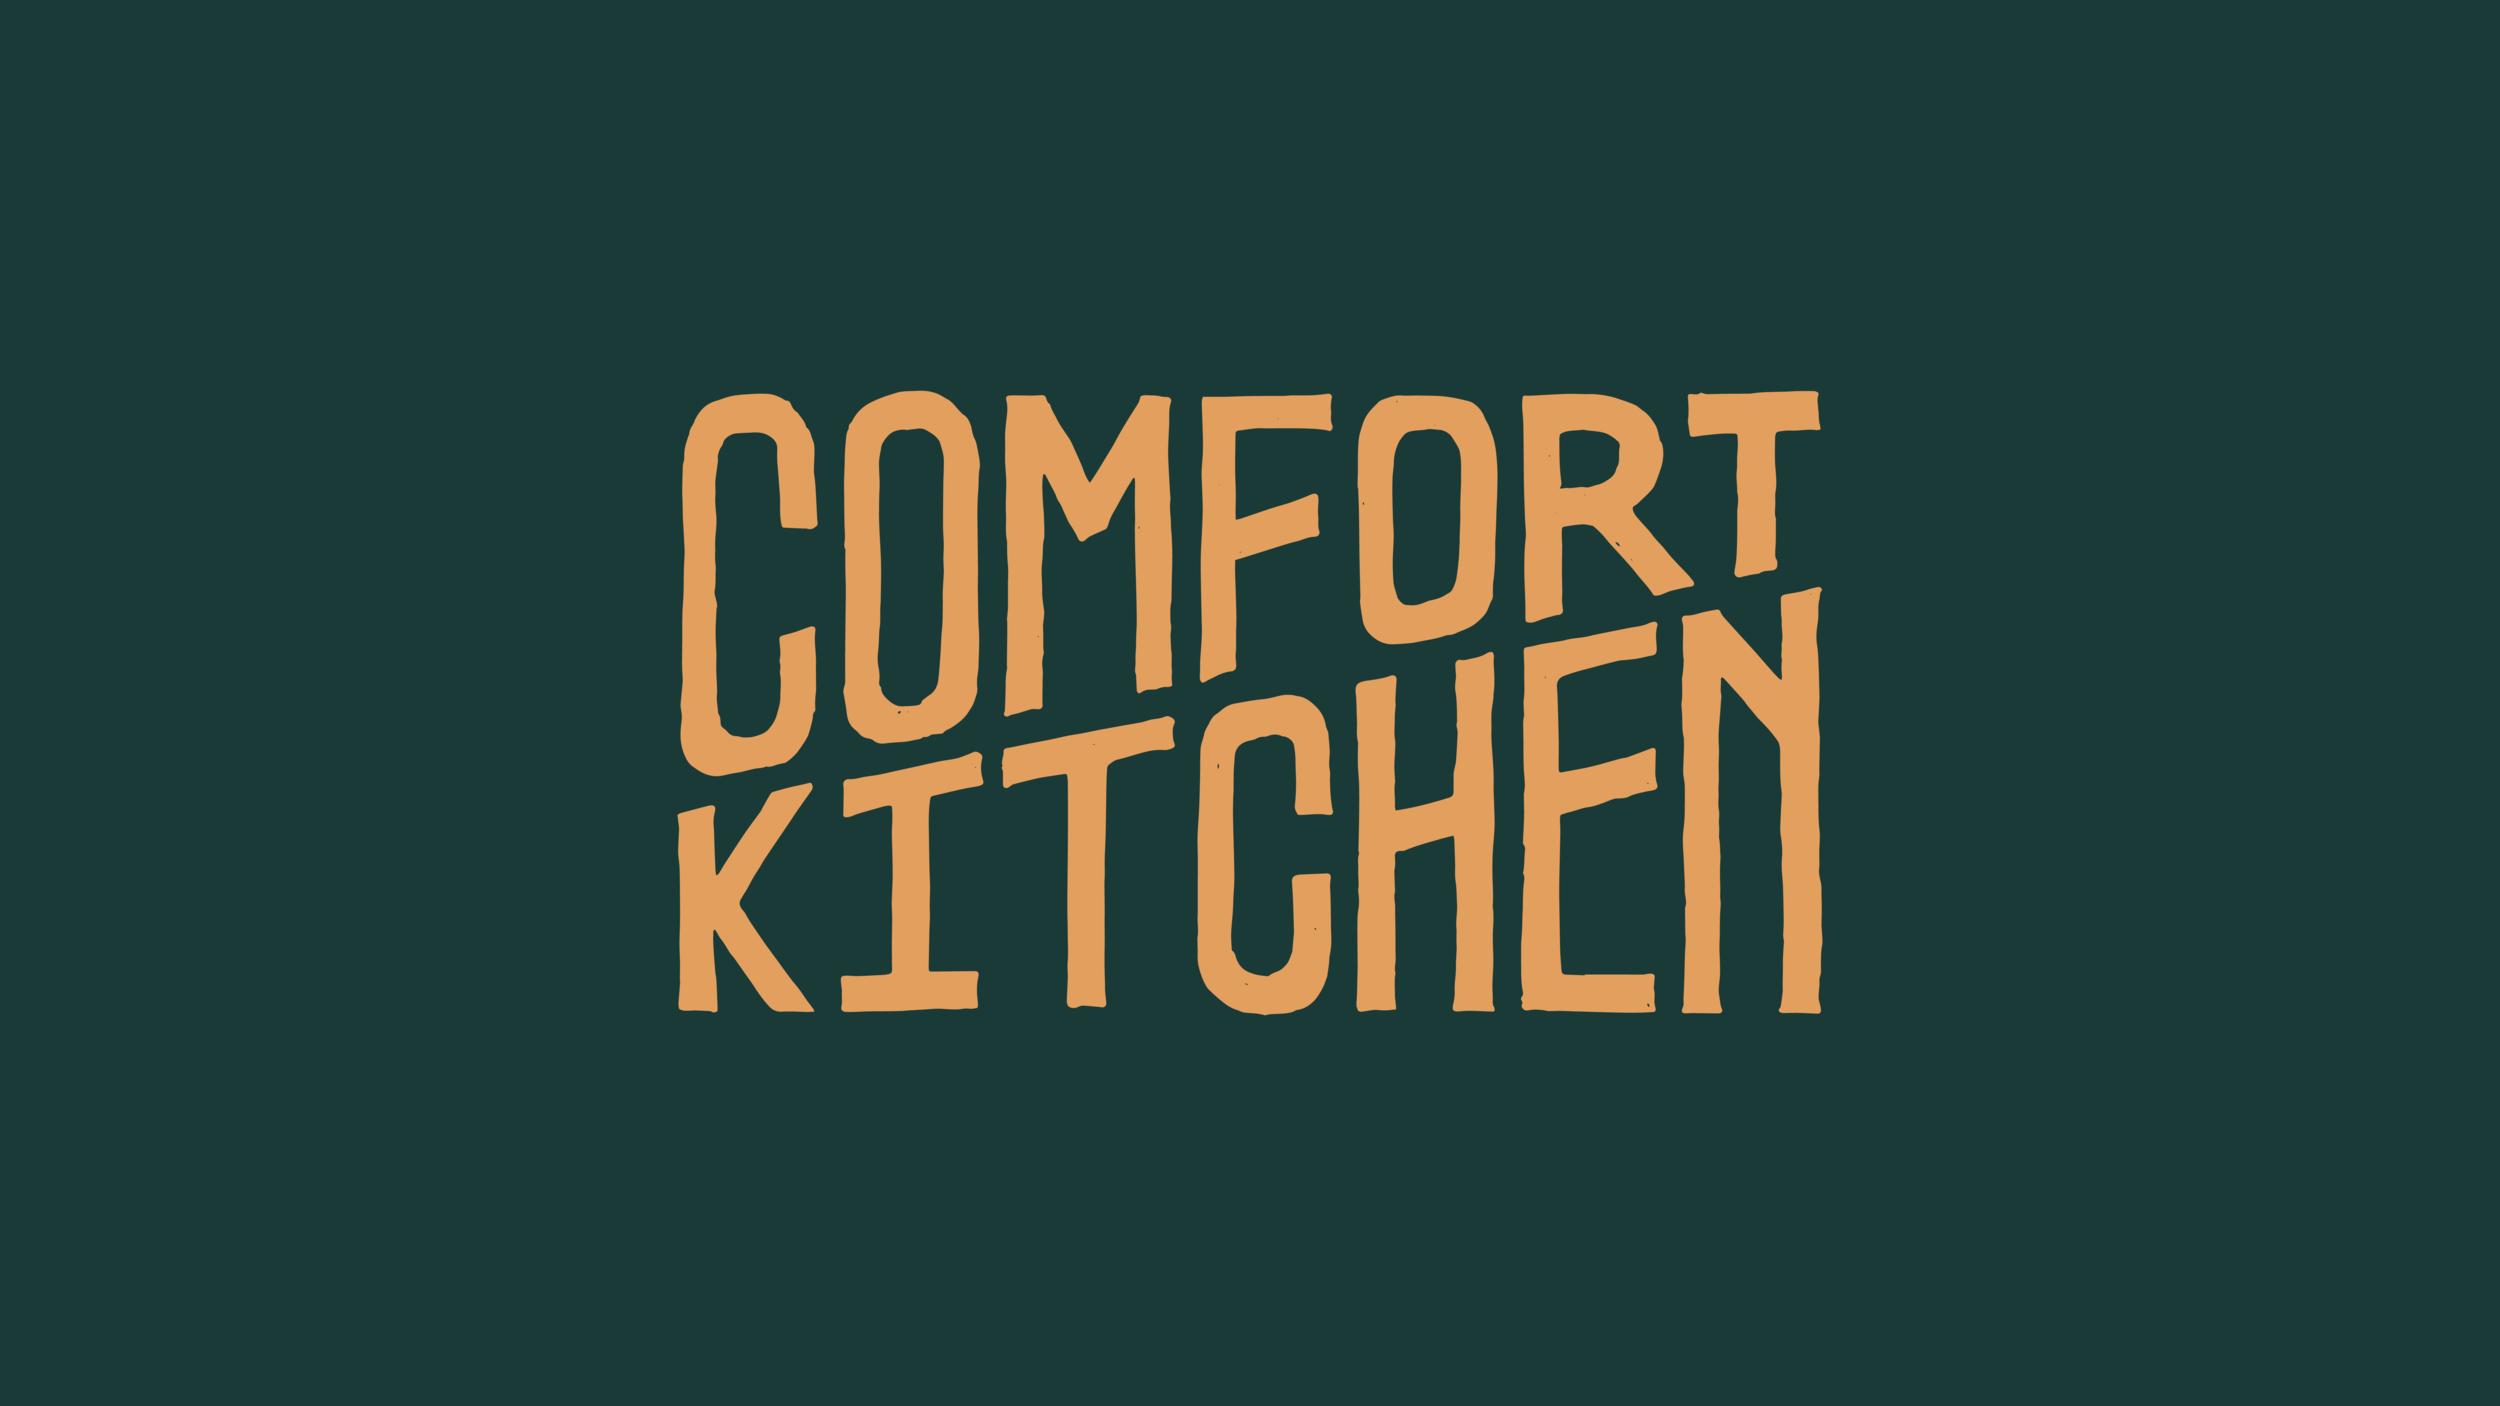 Comfort Kitchen S Menu At Little Dipper Jp